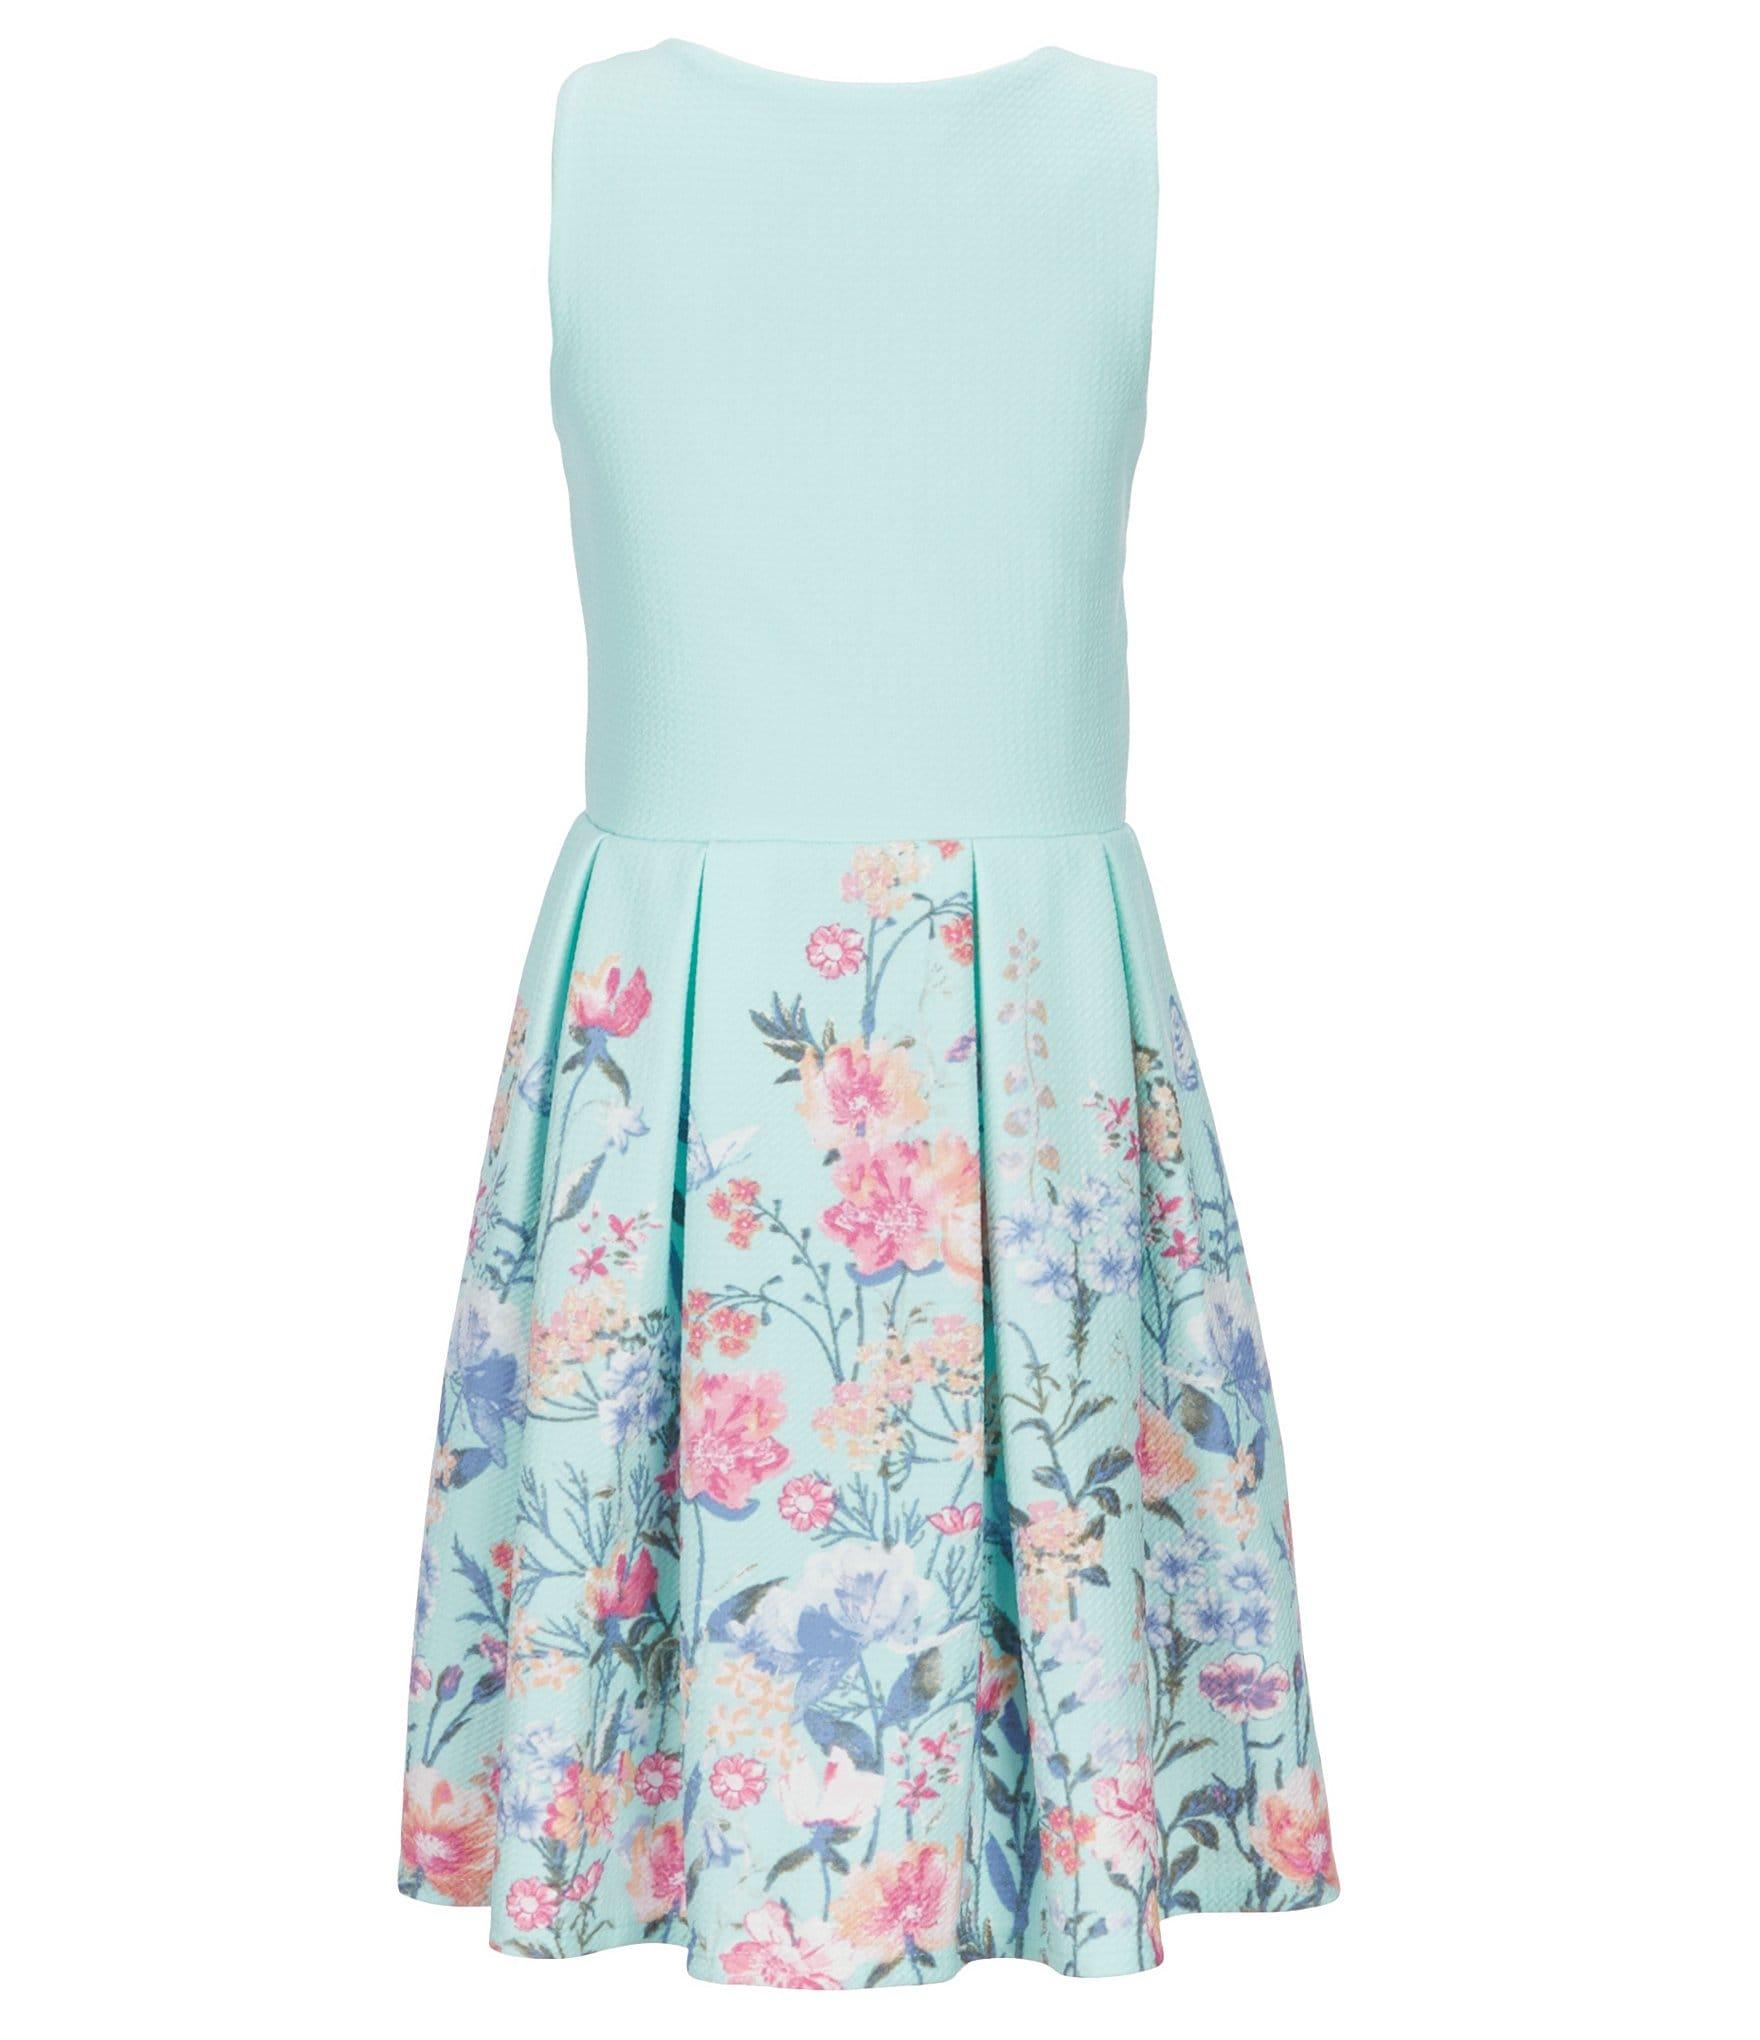 Kids | Girls | Dresses | Special Occasion Dresses | Dillards.com